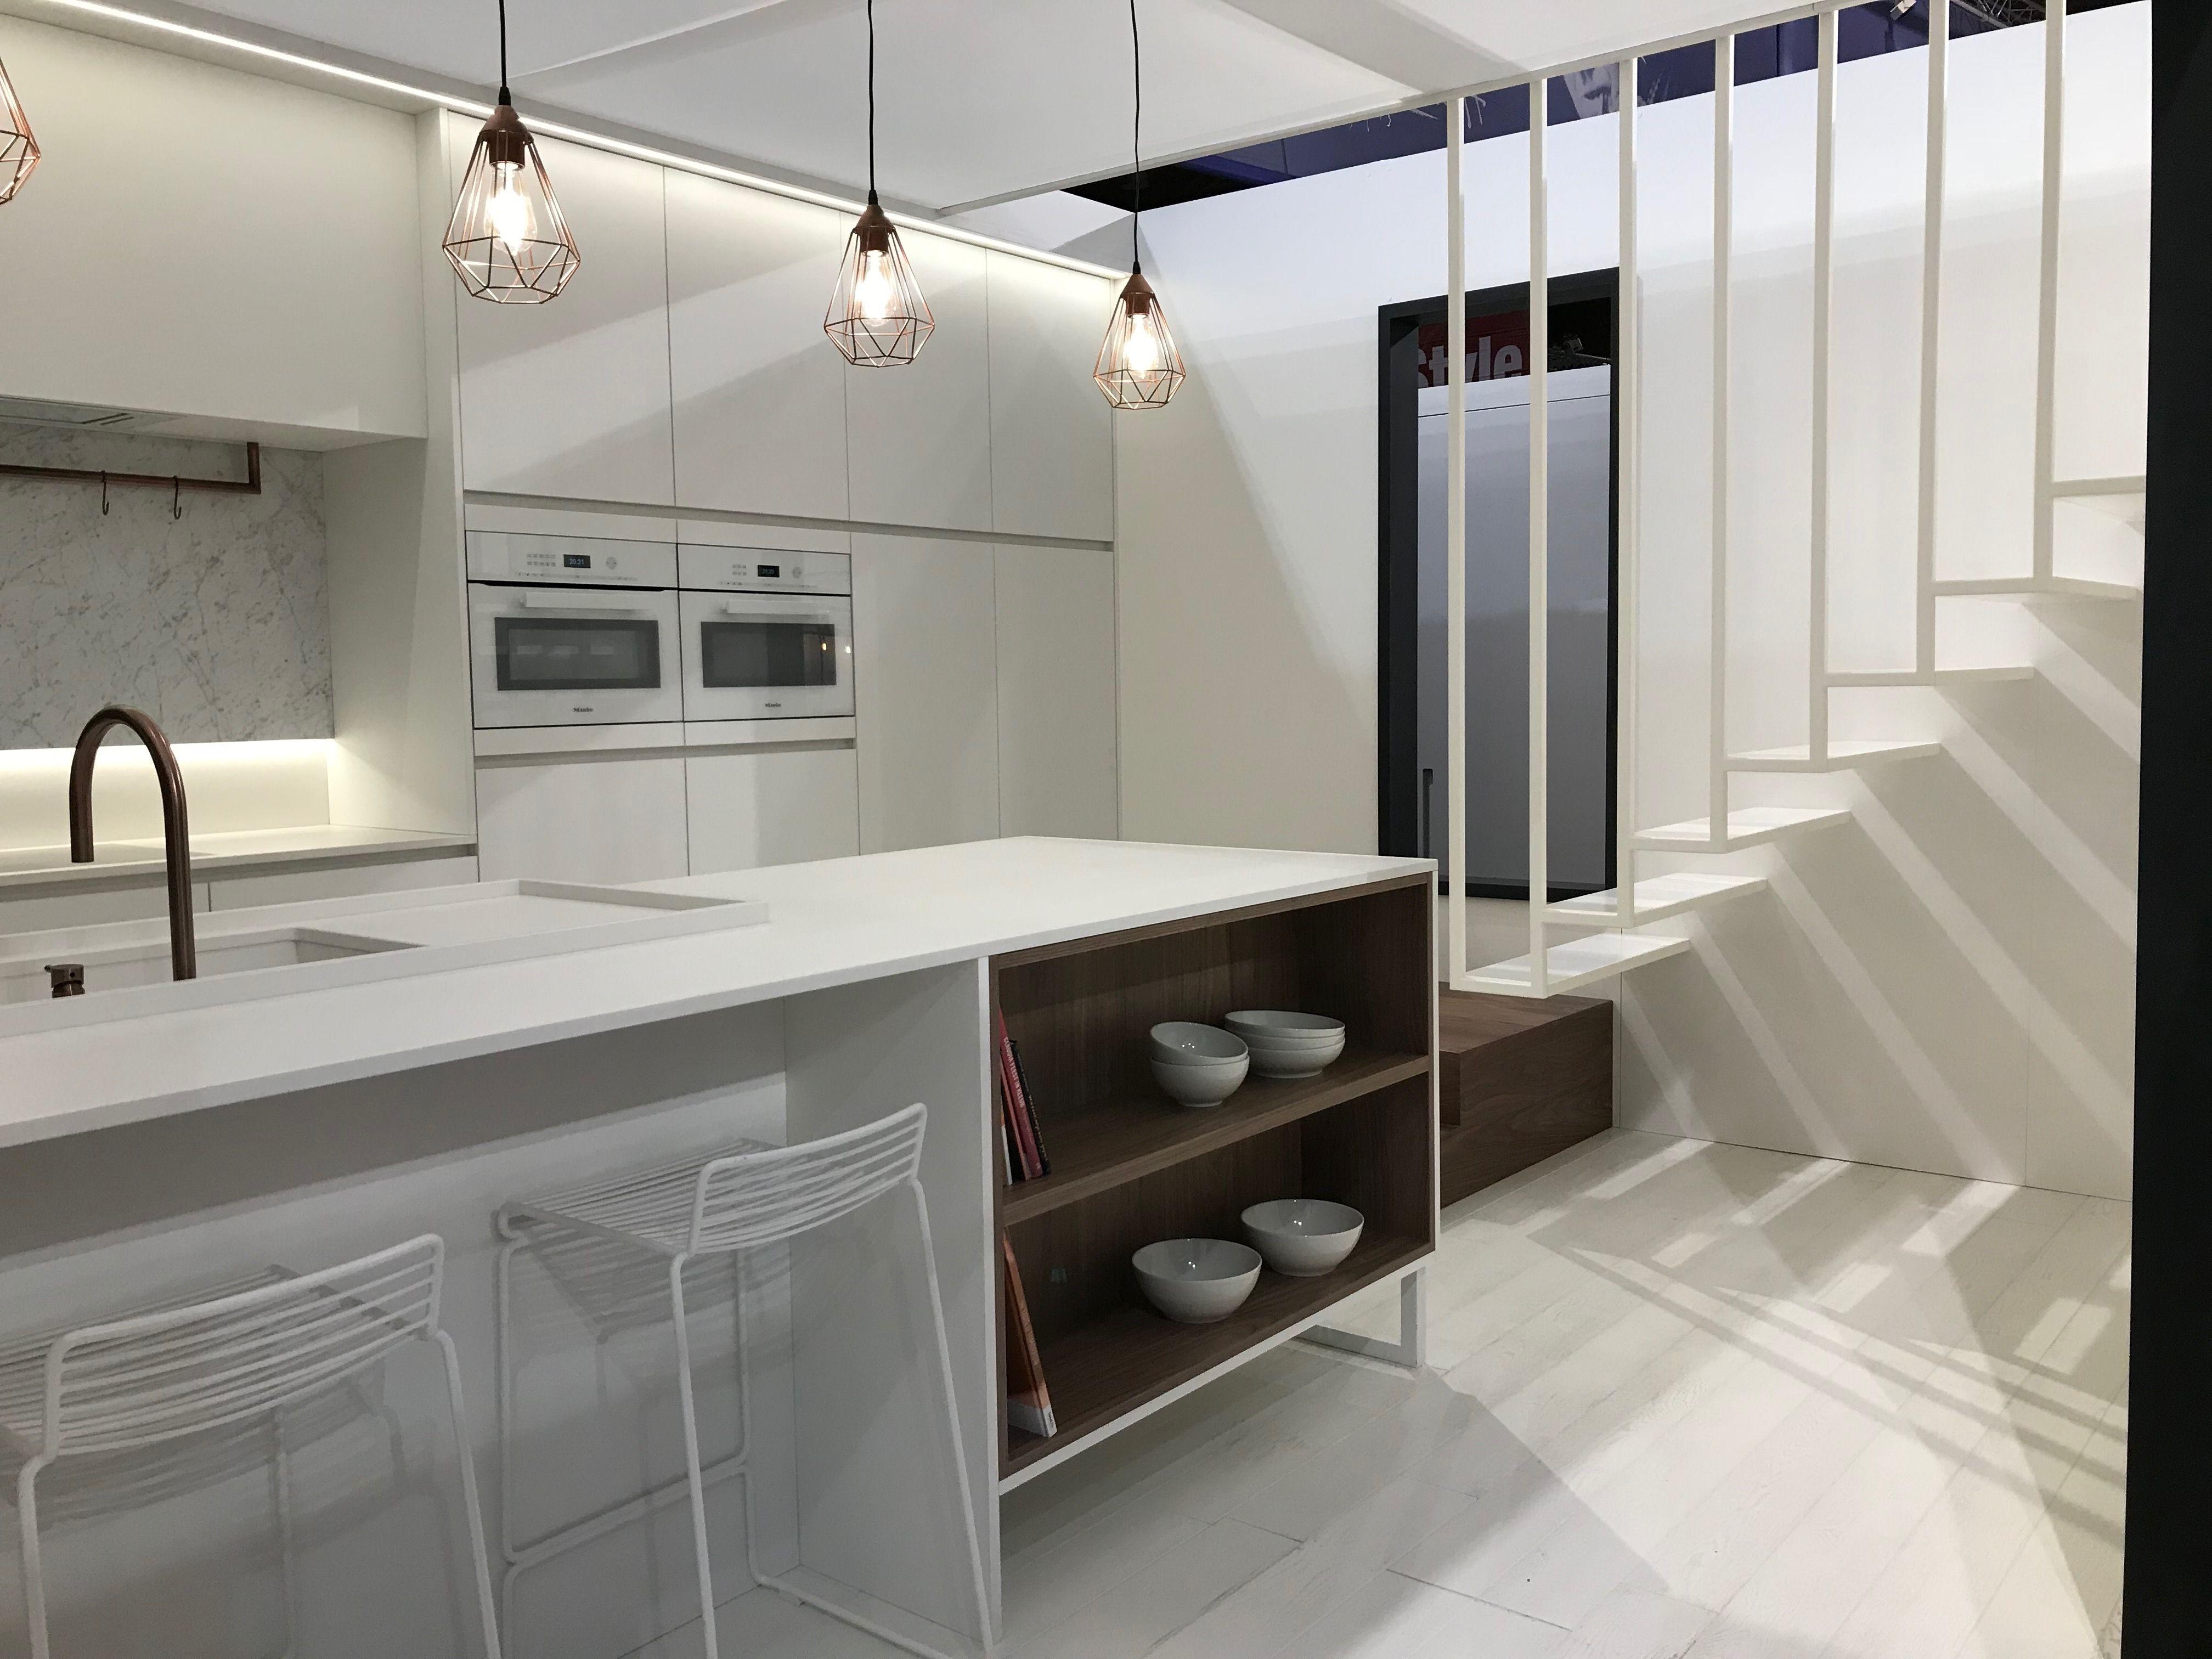 Witte keuken met werkblad in dekton en accenten in noot fineer en